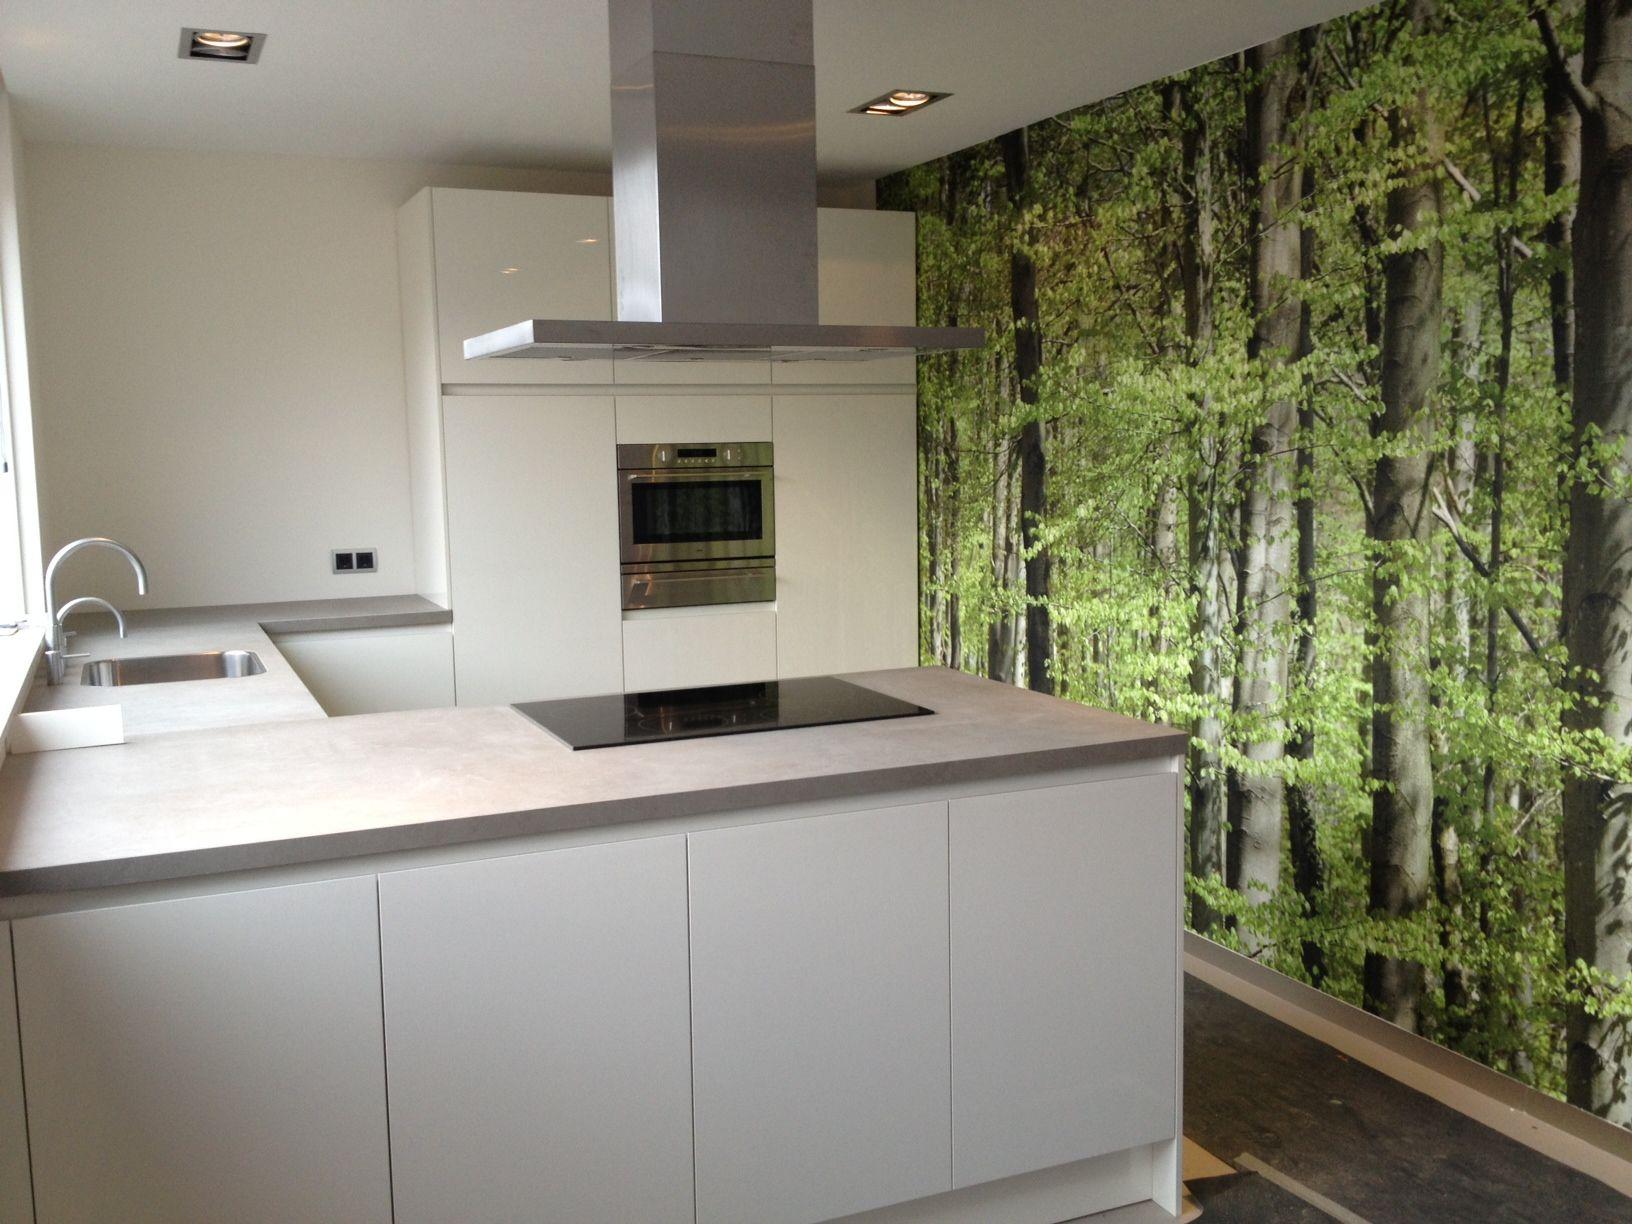 Geliefde Witte greeploze keuken met schiereiland in een bosrijke omgeving  CF56